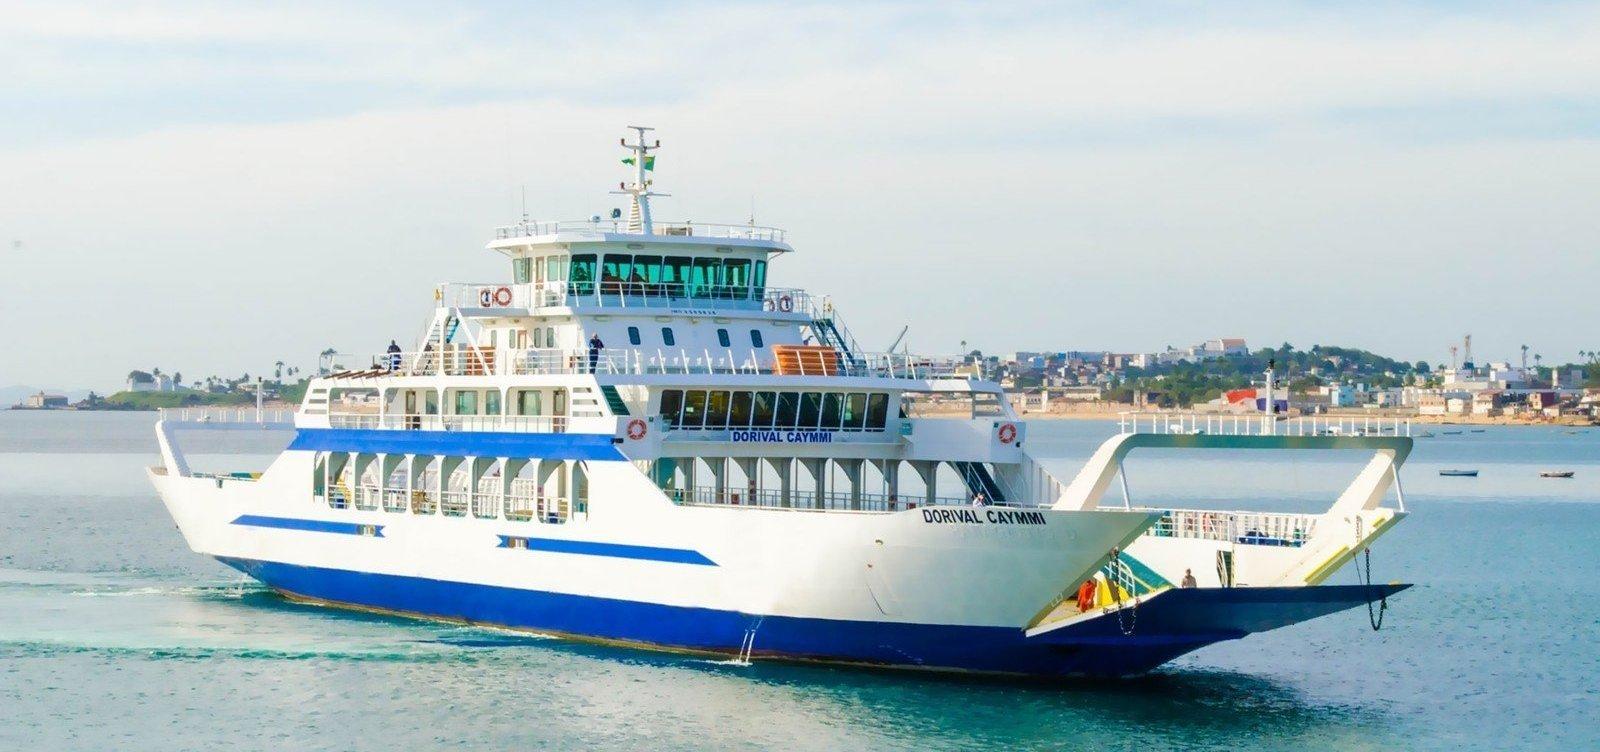 Com novo toque de recolher, horário do Ferry-Boat é ampliado